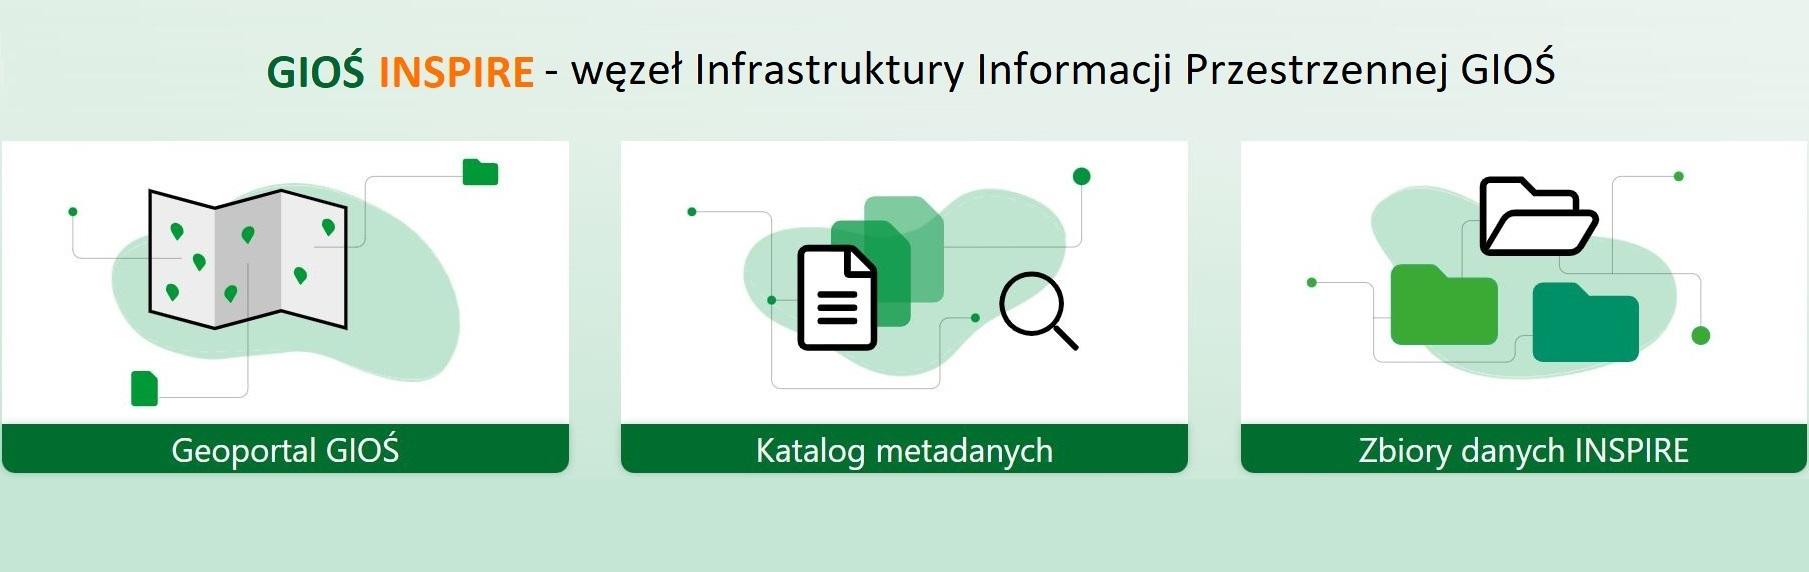 GIOŚ INSPIRE - węzeł infrastruktury informacji przestrzennej GIOŚ